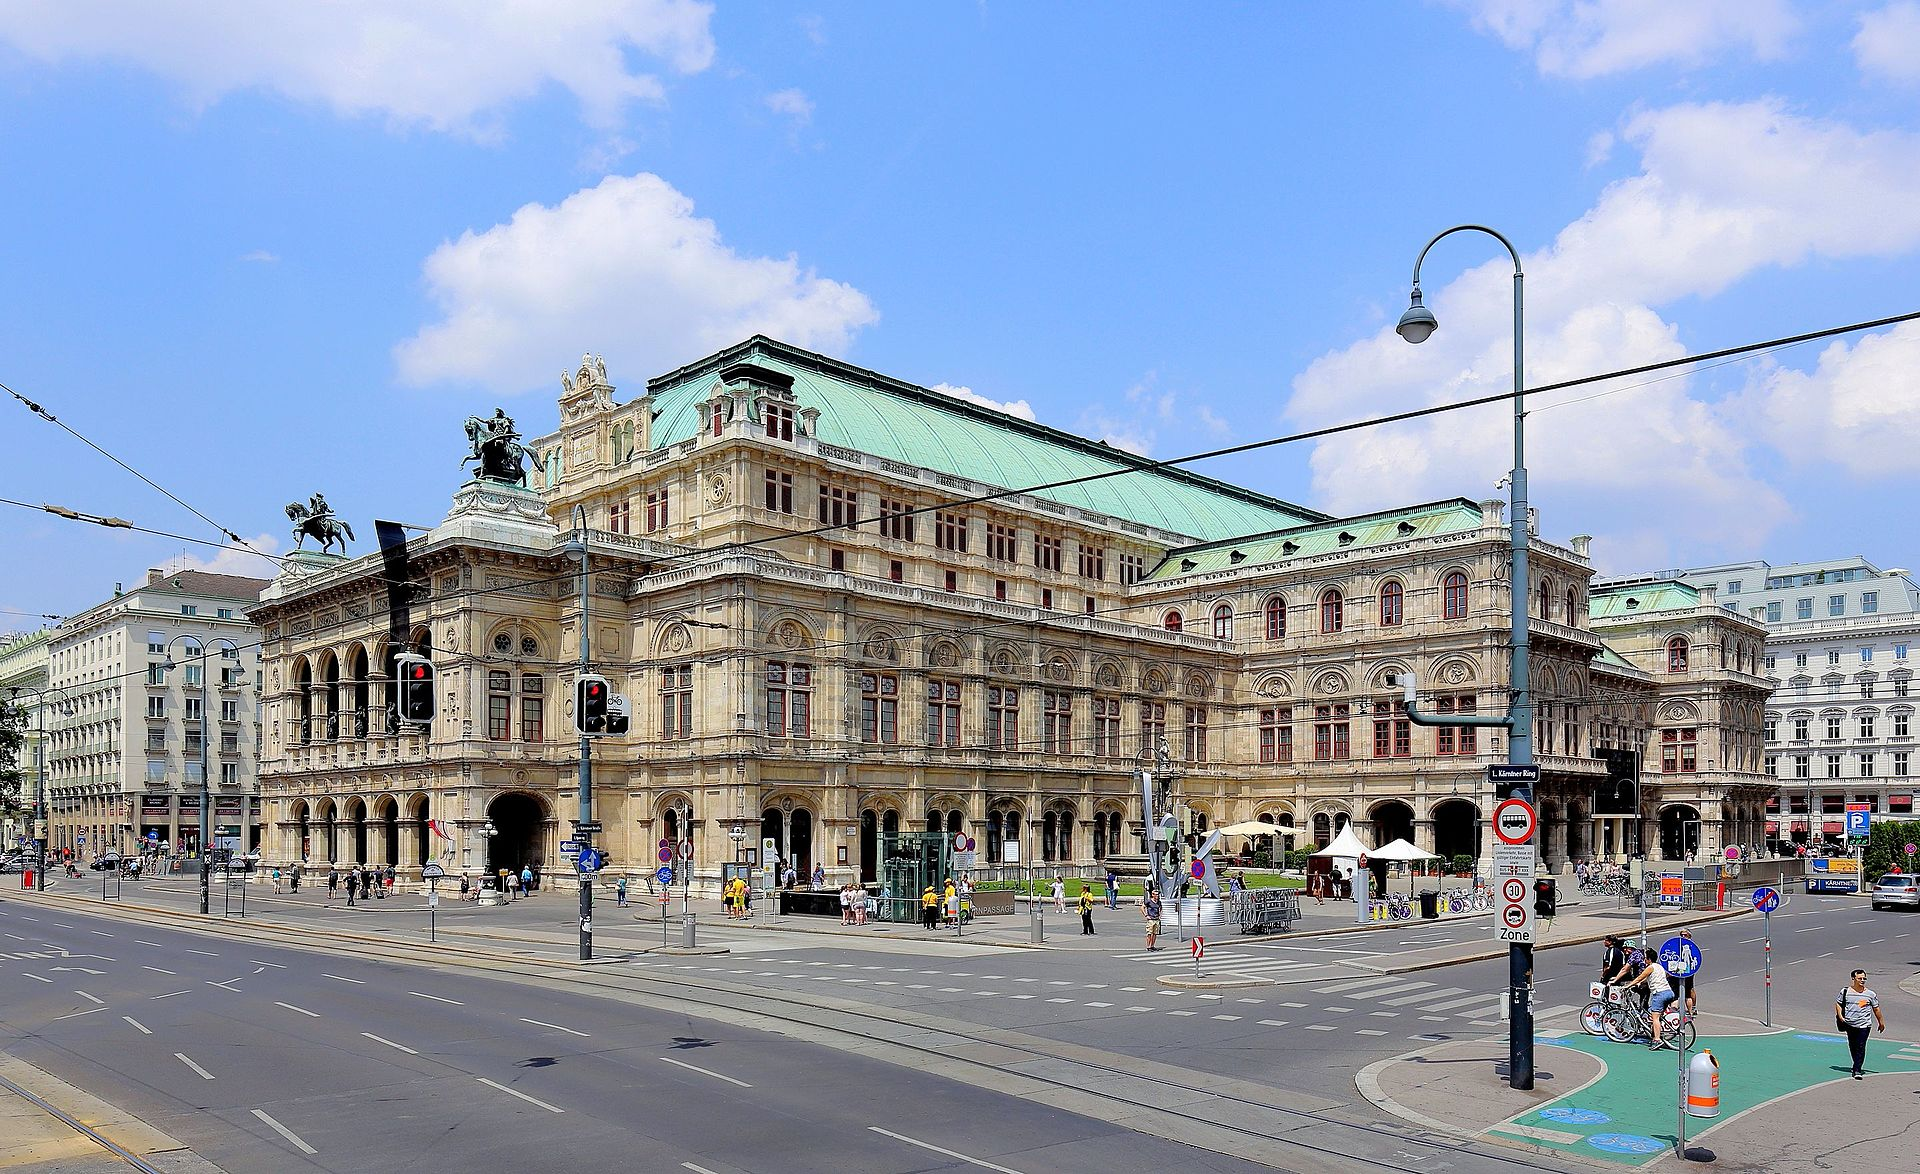 Wien online dating absoluut gratis dating sites geen creditcard vereist